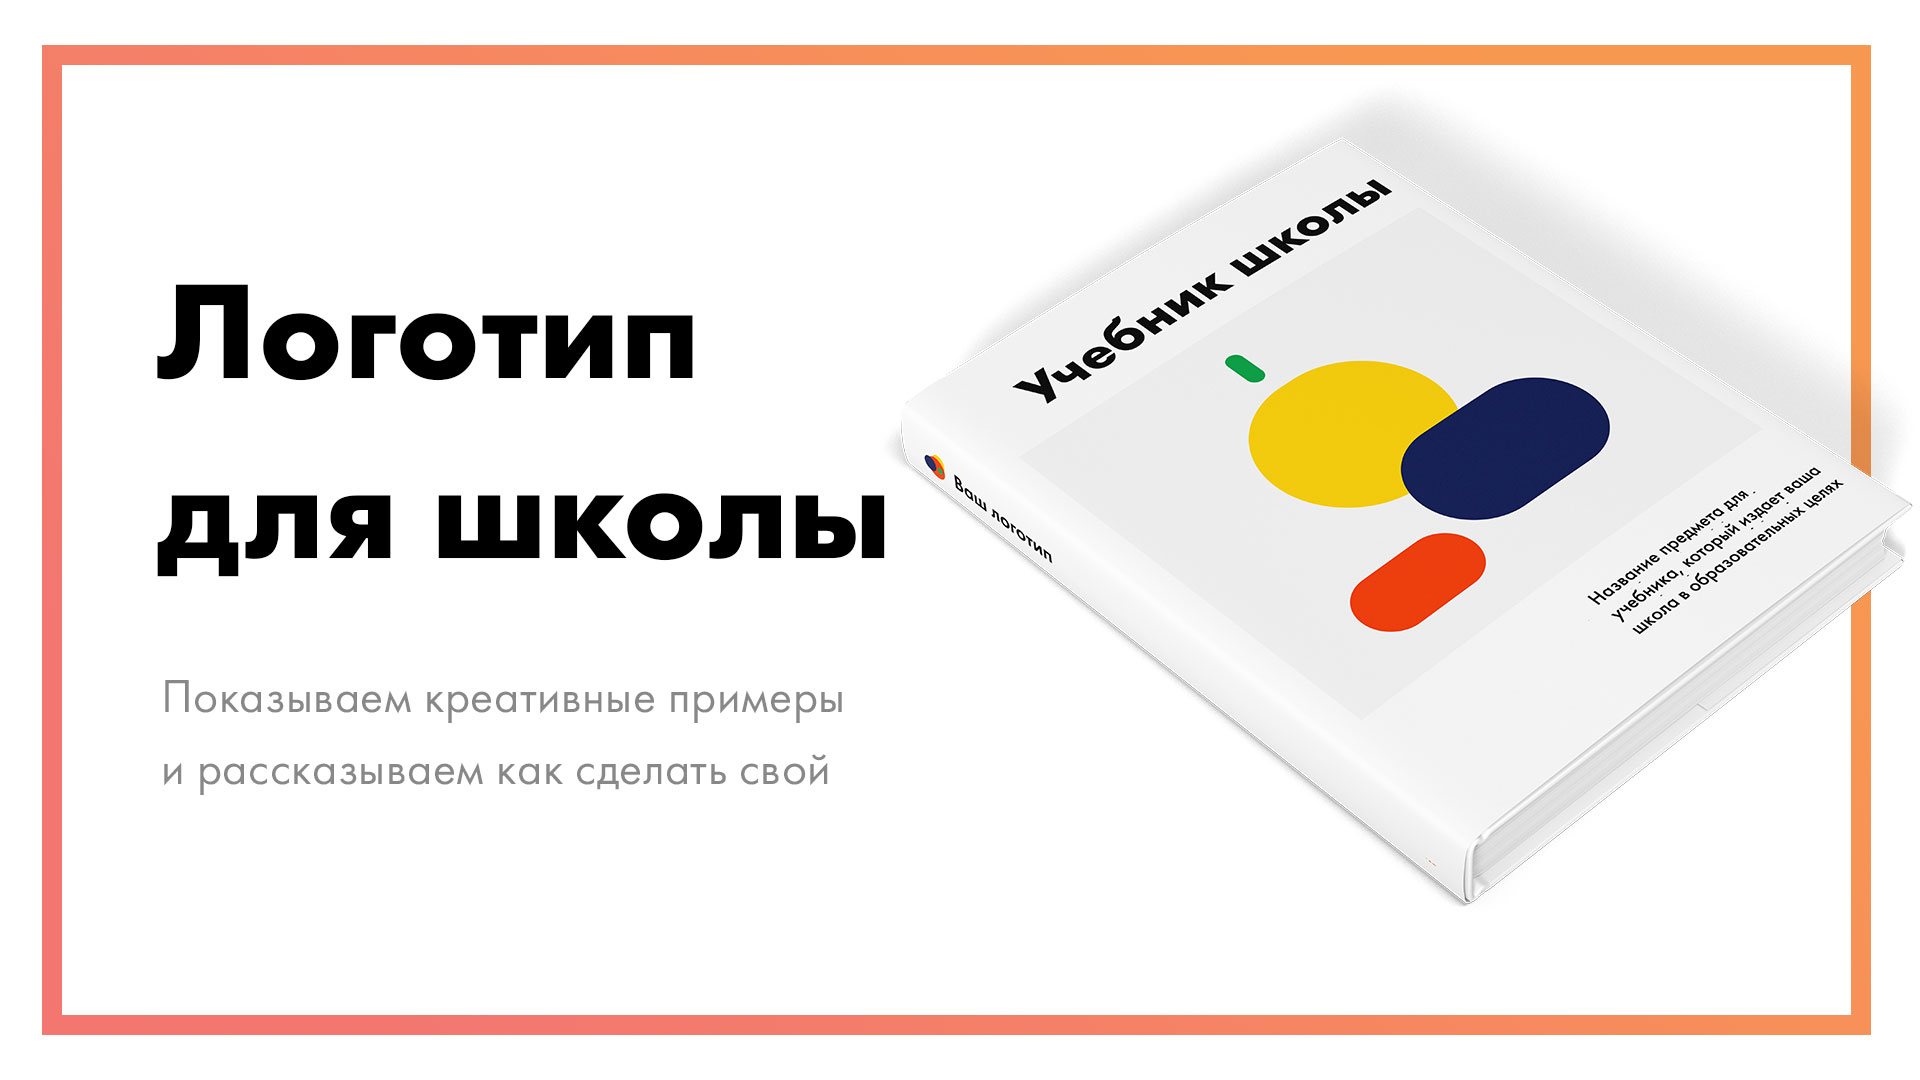 Логотип-школы-–-создайте-онлайн-[+-примеры-для-вдохновения].jpg